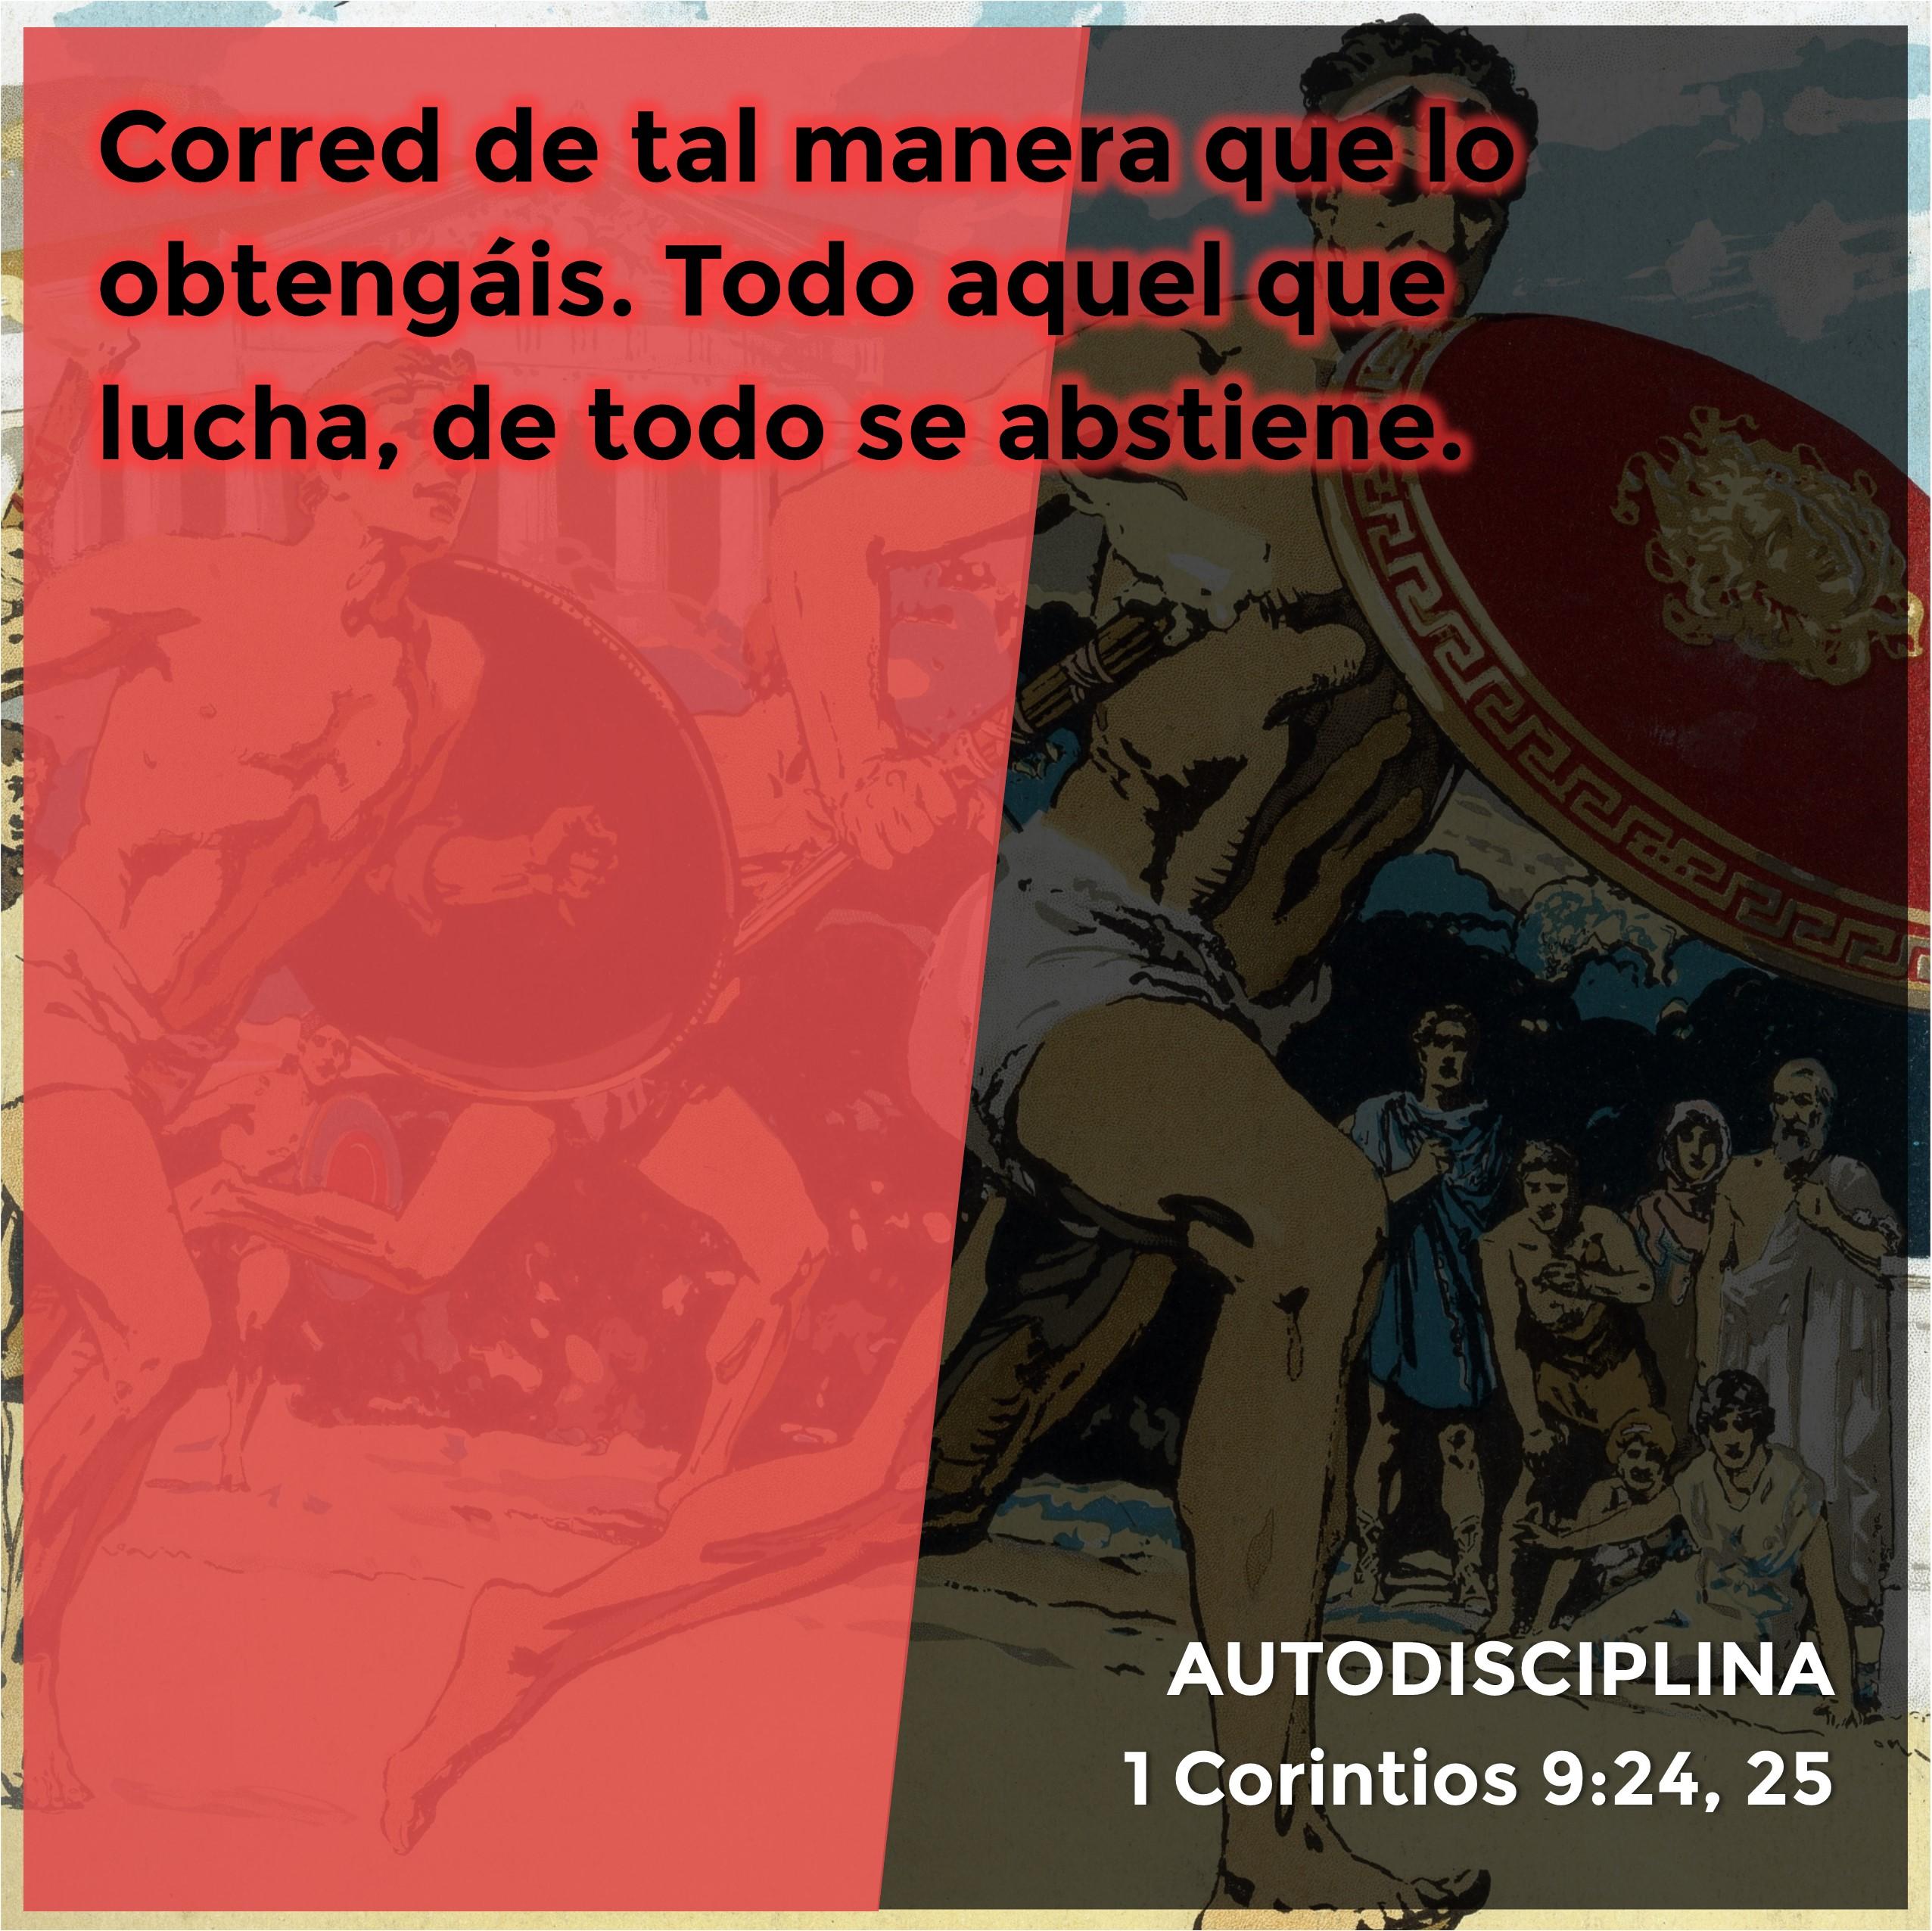 1 Corintios 9.24, 25 Anexo